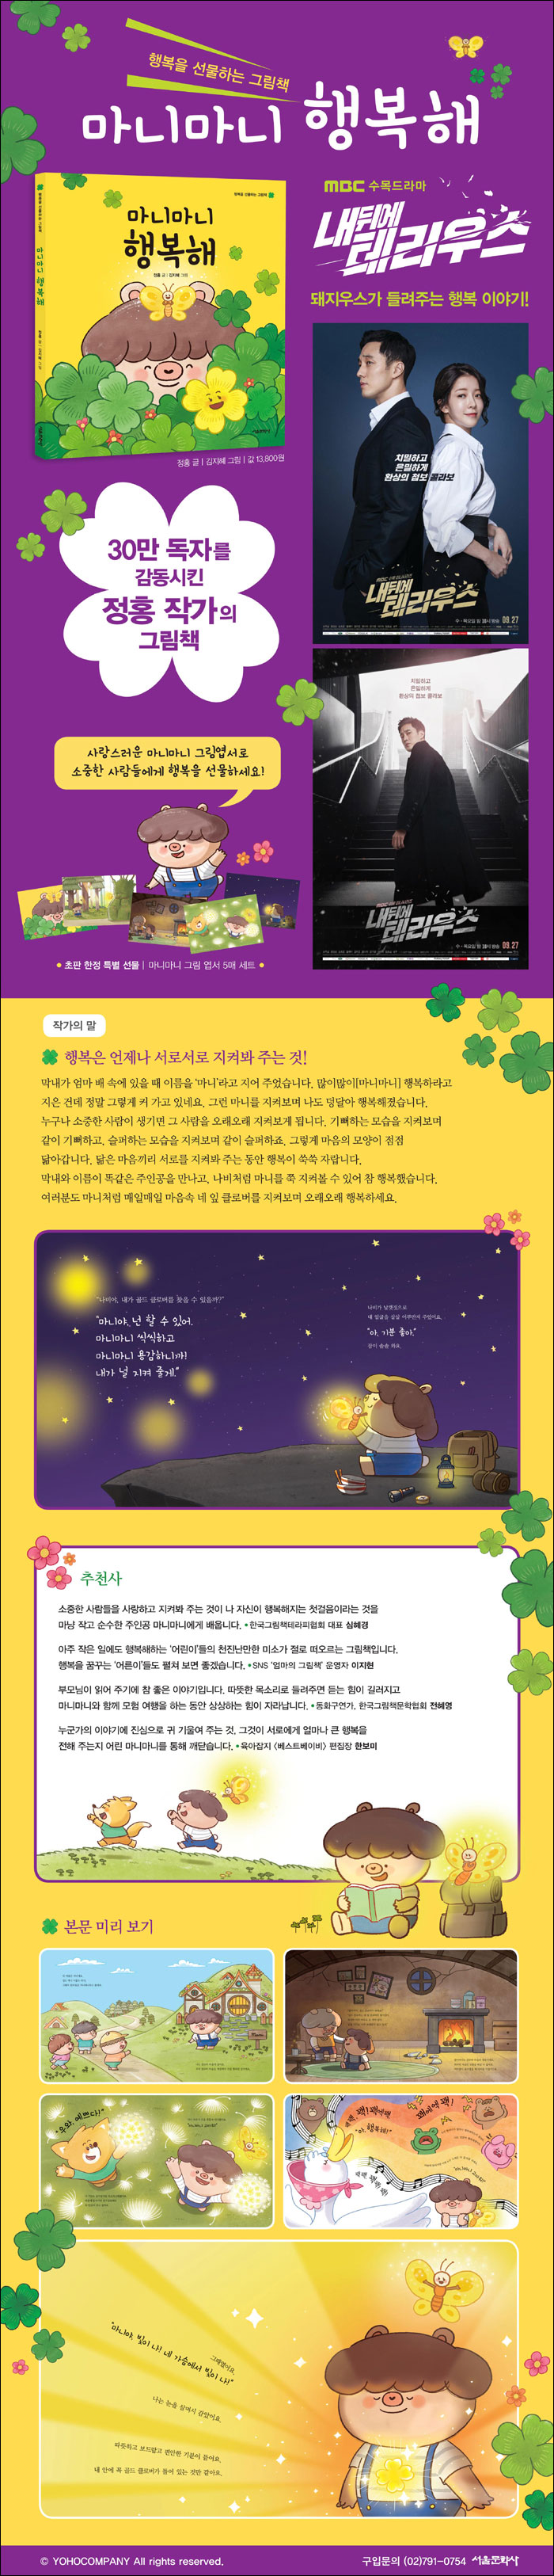 韓国絵本 ソ・ジソブ主演ドラマ「私の後ろにテリウス」 豚ウス(テェジウス)が聞かせてくれる幸せの物語 「マニマニ幸せ」